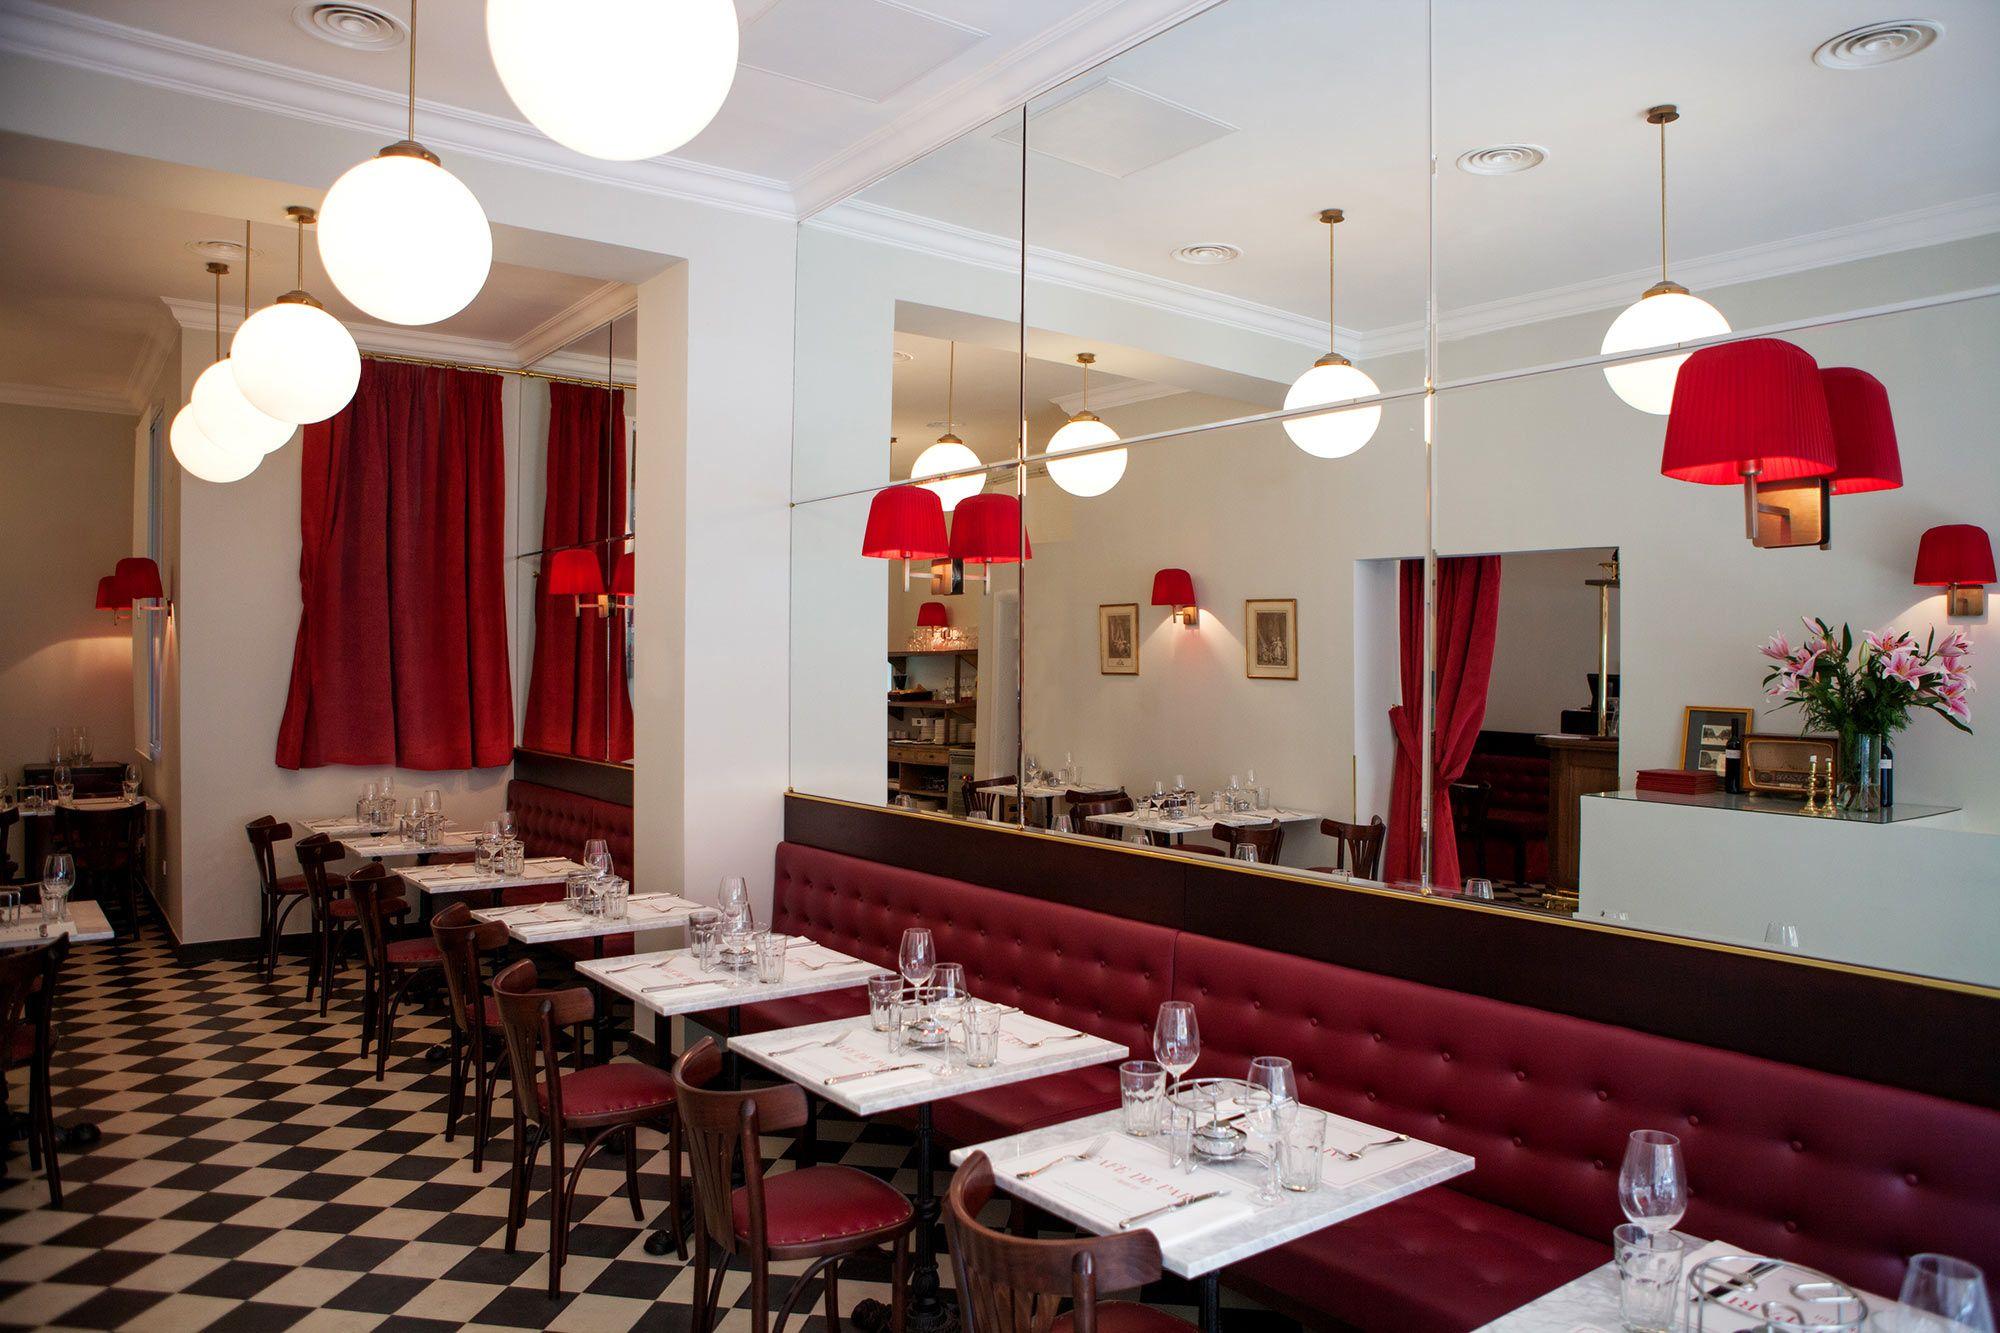 Contacto Cafe De Paris Cafes En Paris Restaurante Frances Restaurantes